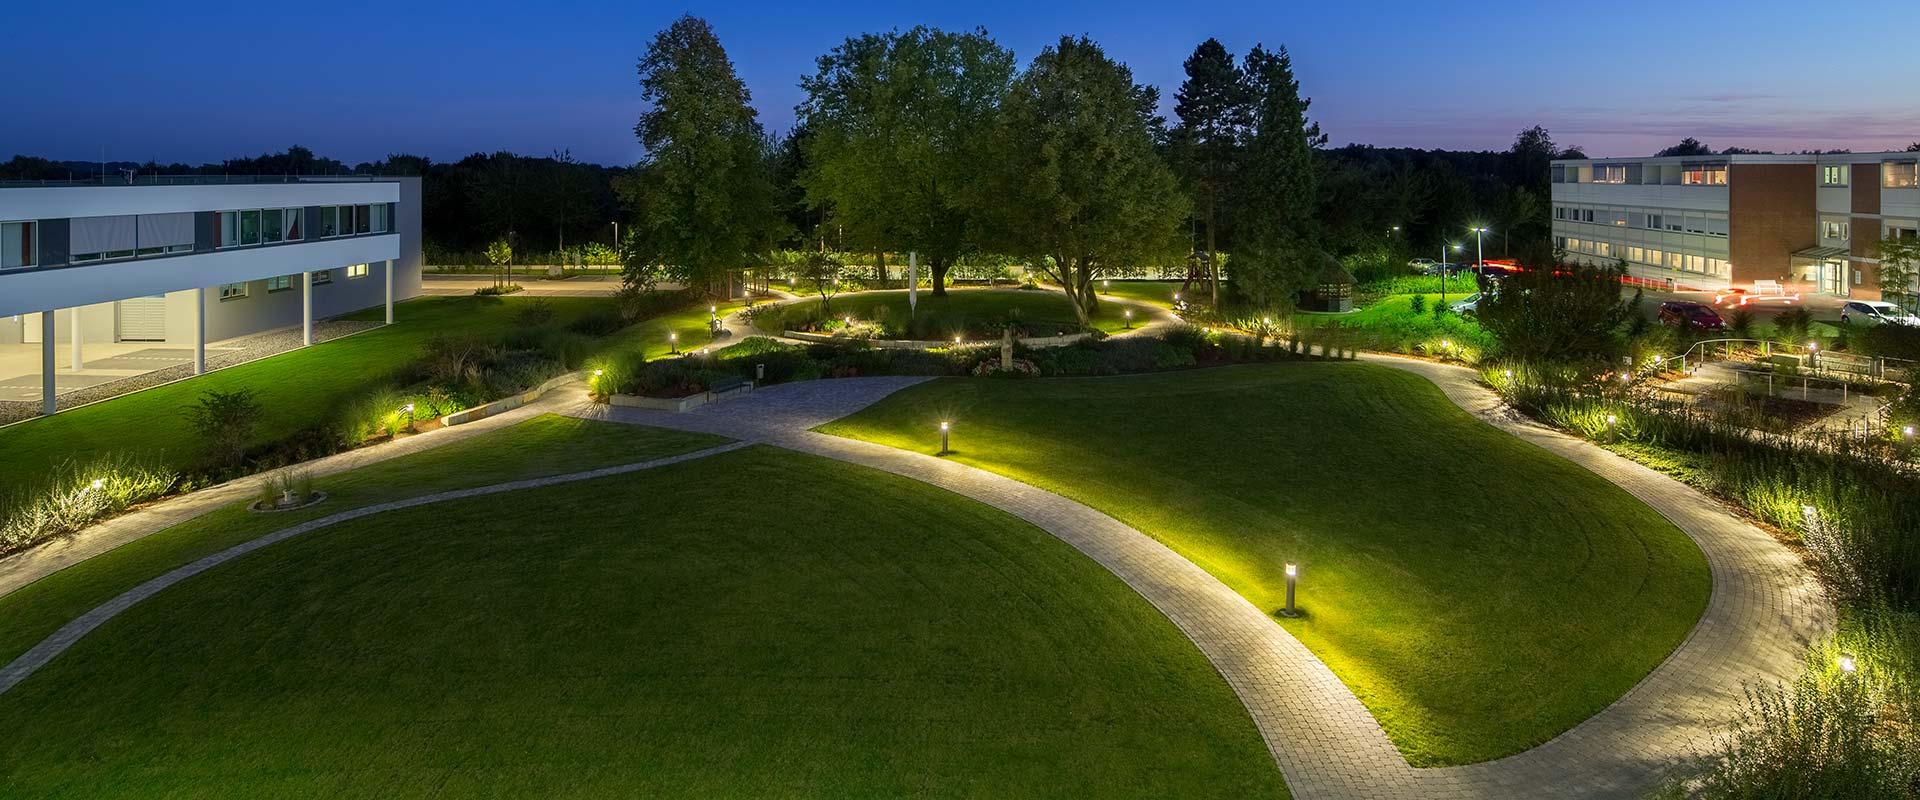 Wegbeleuchtung Für Pflegeheime Trilux Simplify Your Light